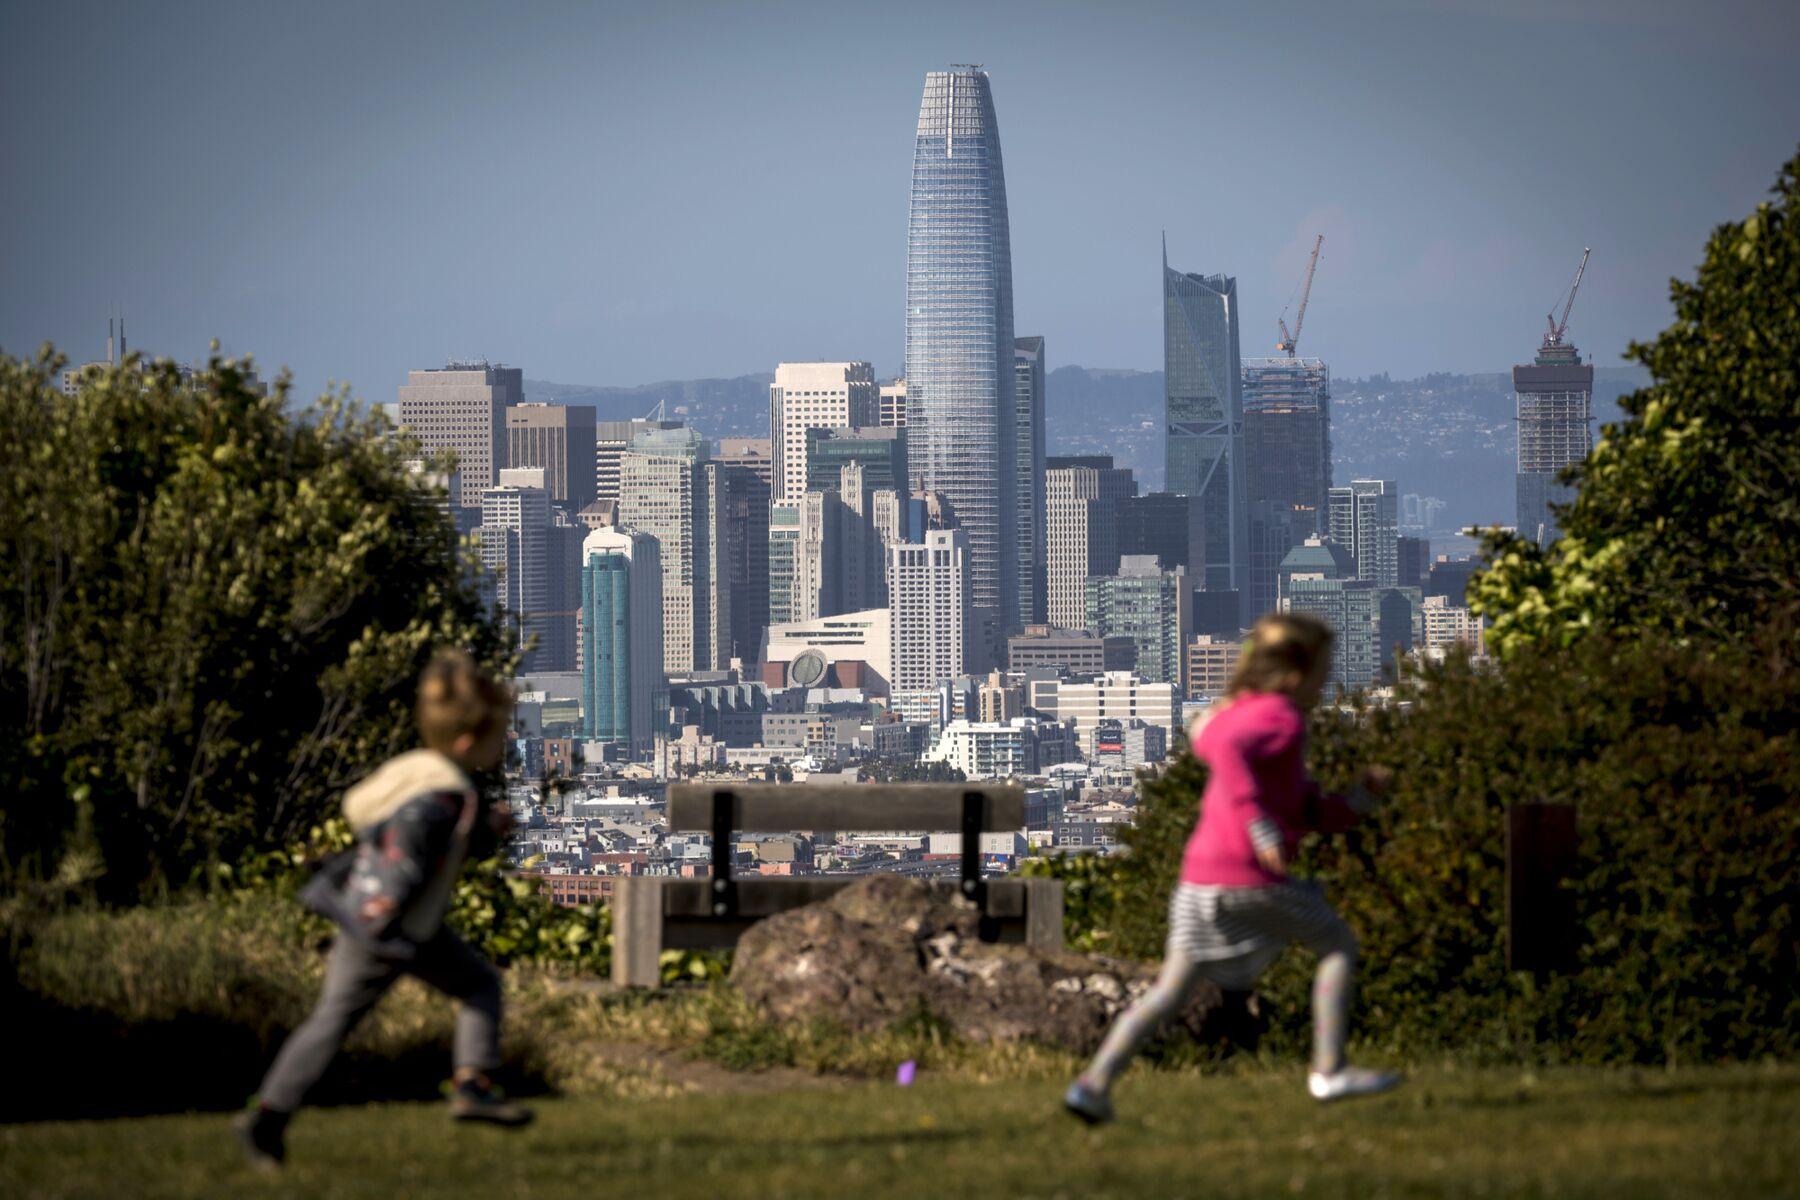 The San Francisco skyline.